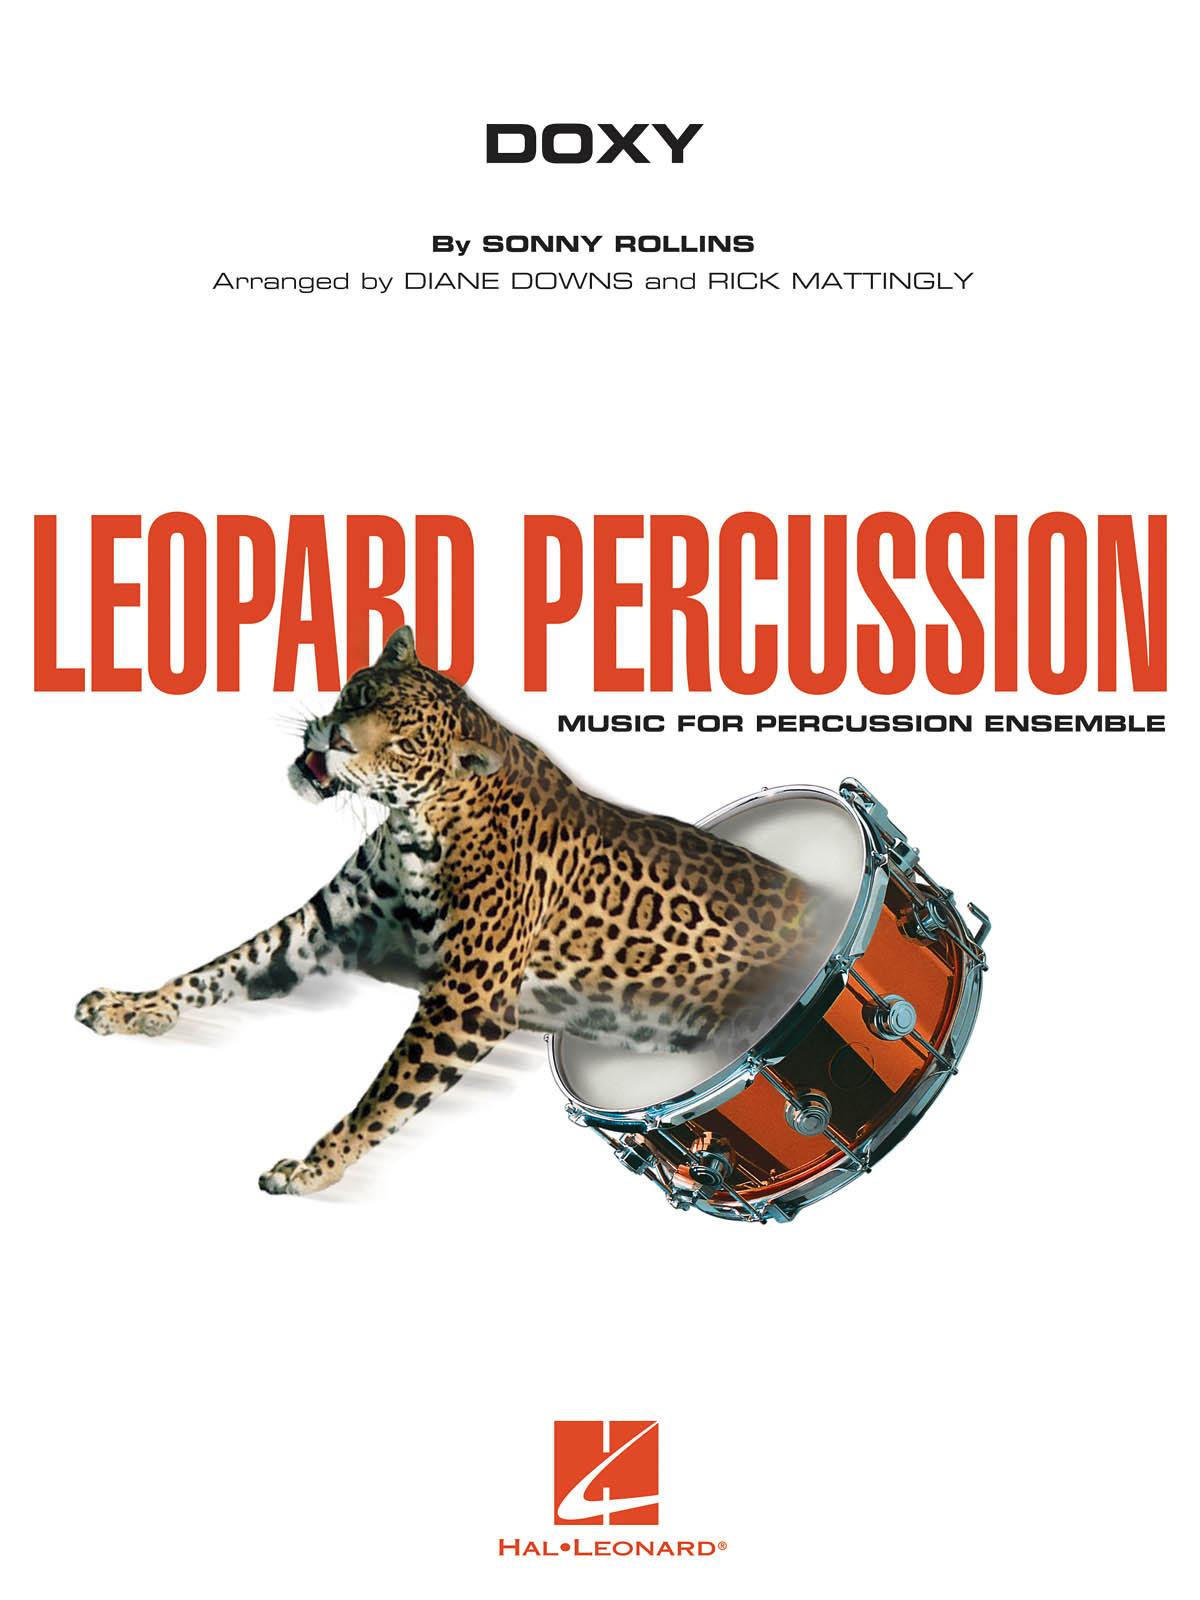 Sonny Rollins: Doxy - Leopard Percussion: Percussion Ensemble: Score & Parts